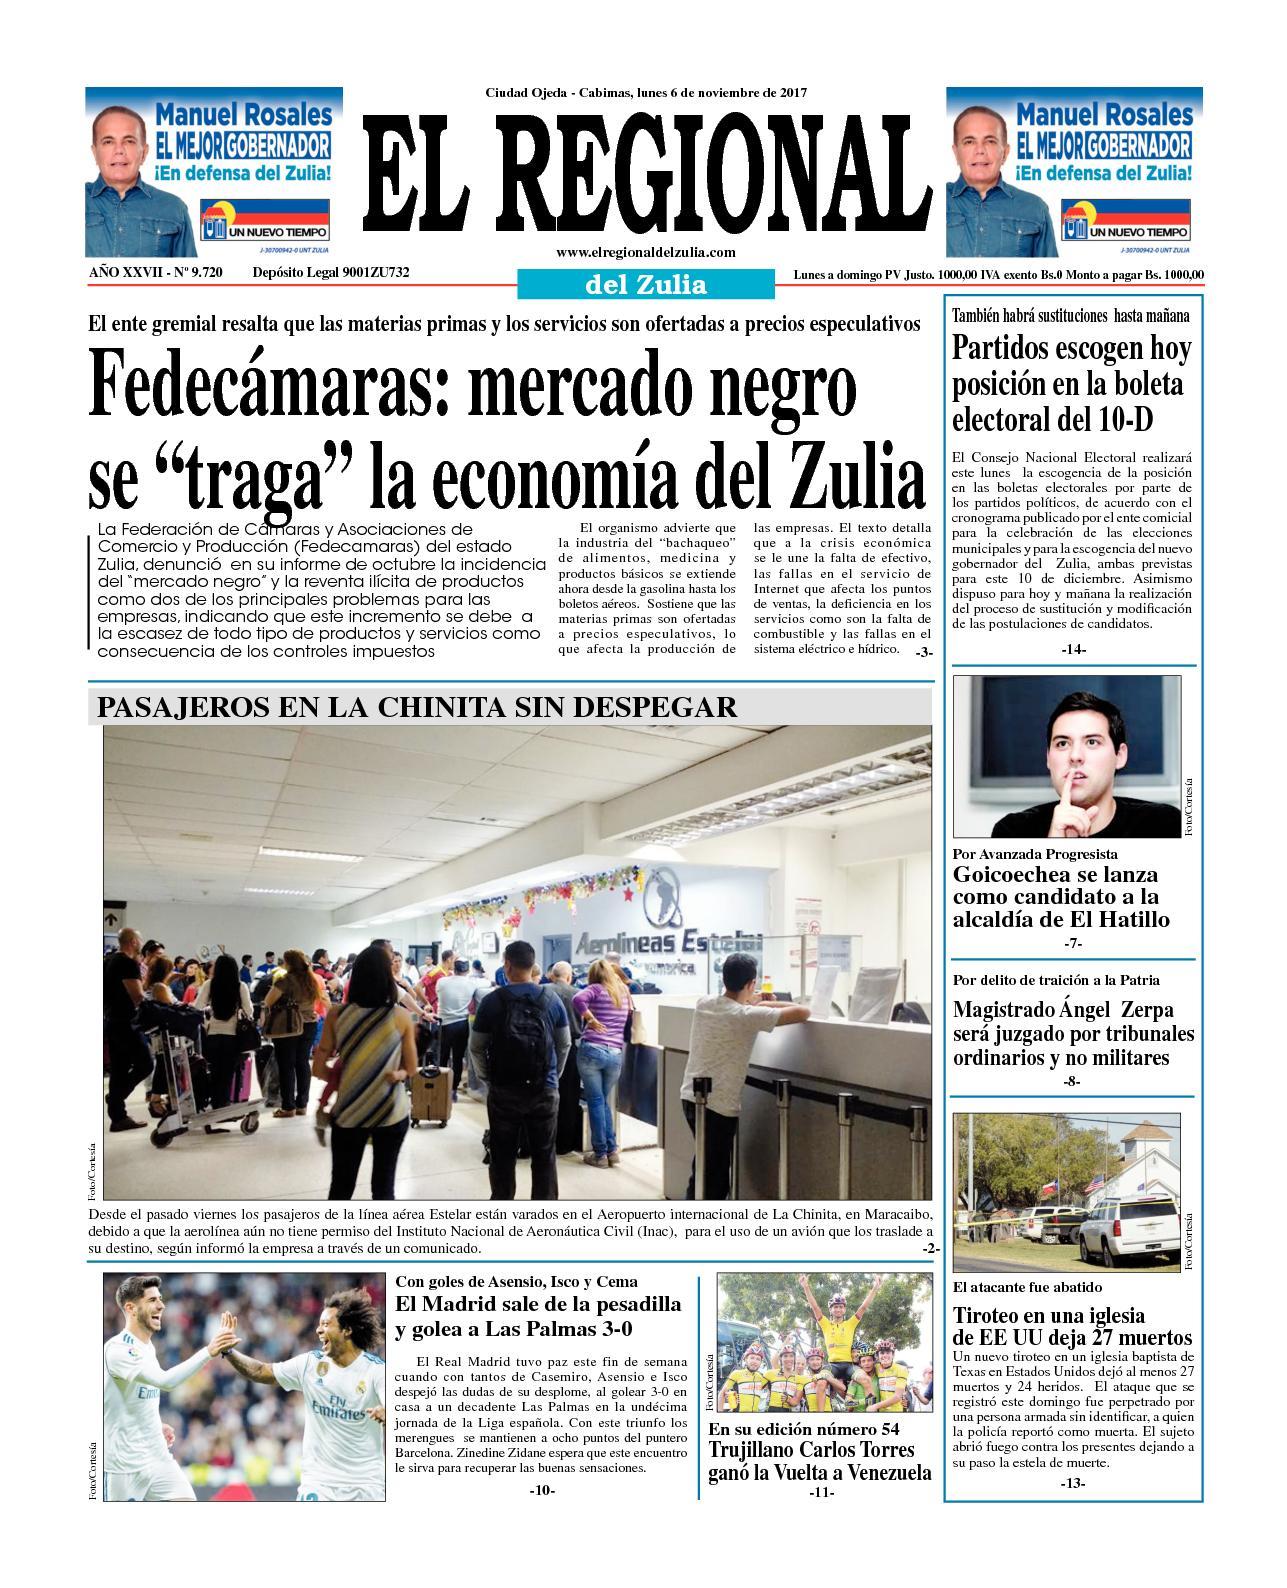 El regional del zulia 06-11-2017